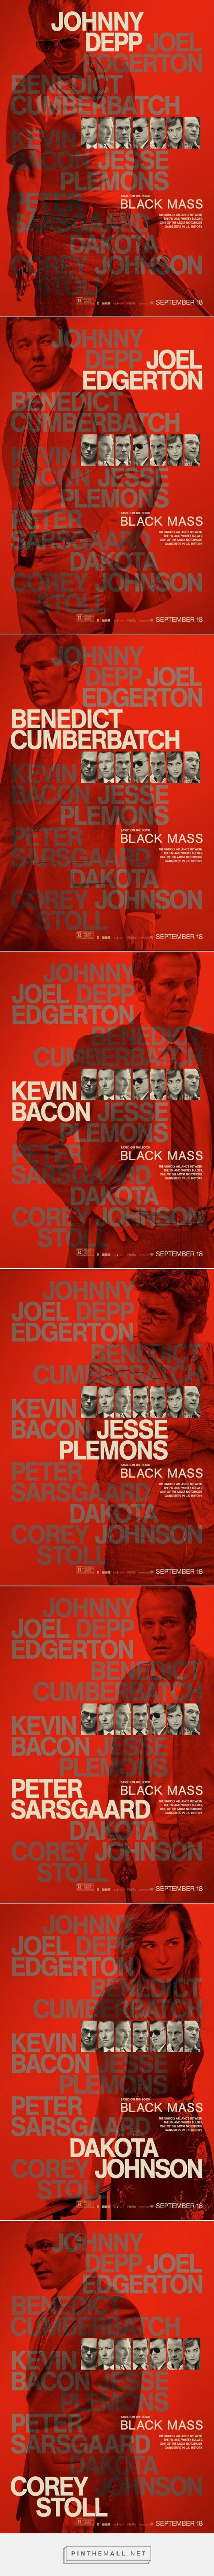 [新聞] 強尼戴普最新主演黑幫電影《黑勢力》多張全新角色海報登場 | HypeSphere | Page 2 - created via http://pinthemall.net